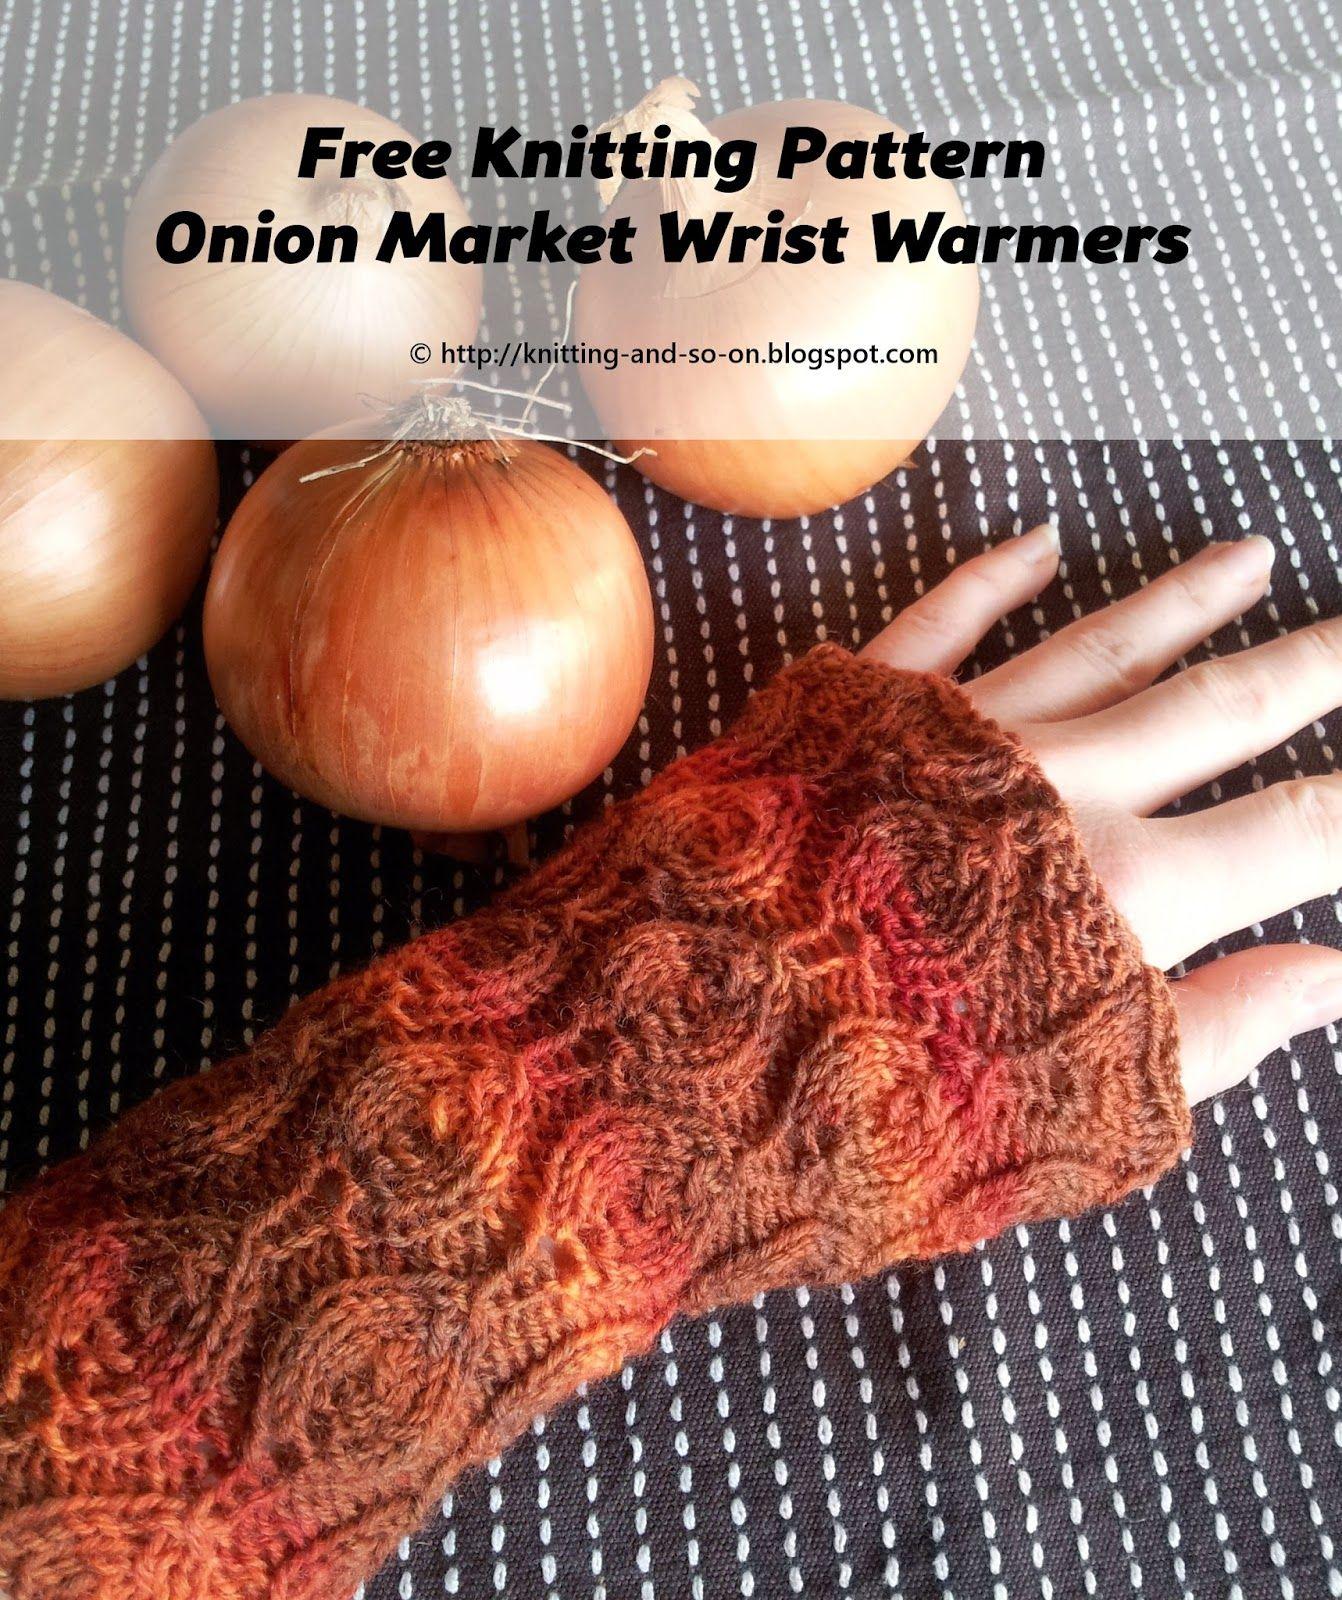 Free Knitting Pattern: Onion Market Wrist Warmers #craft | Knitting ...